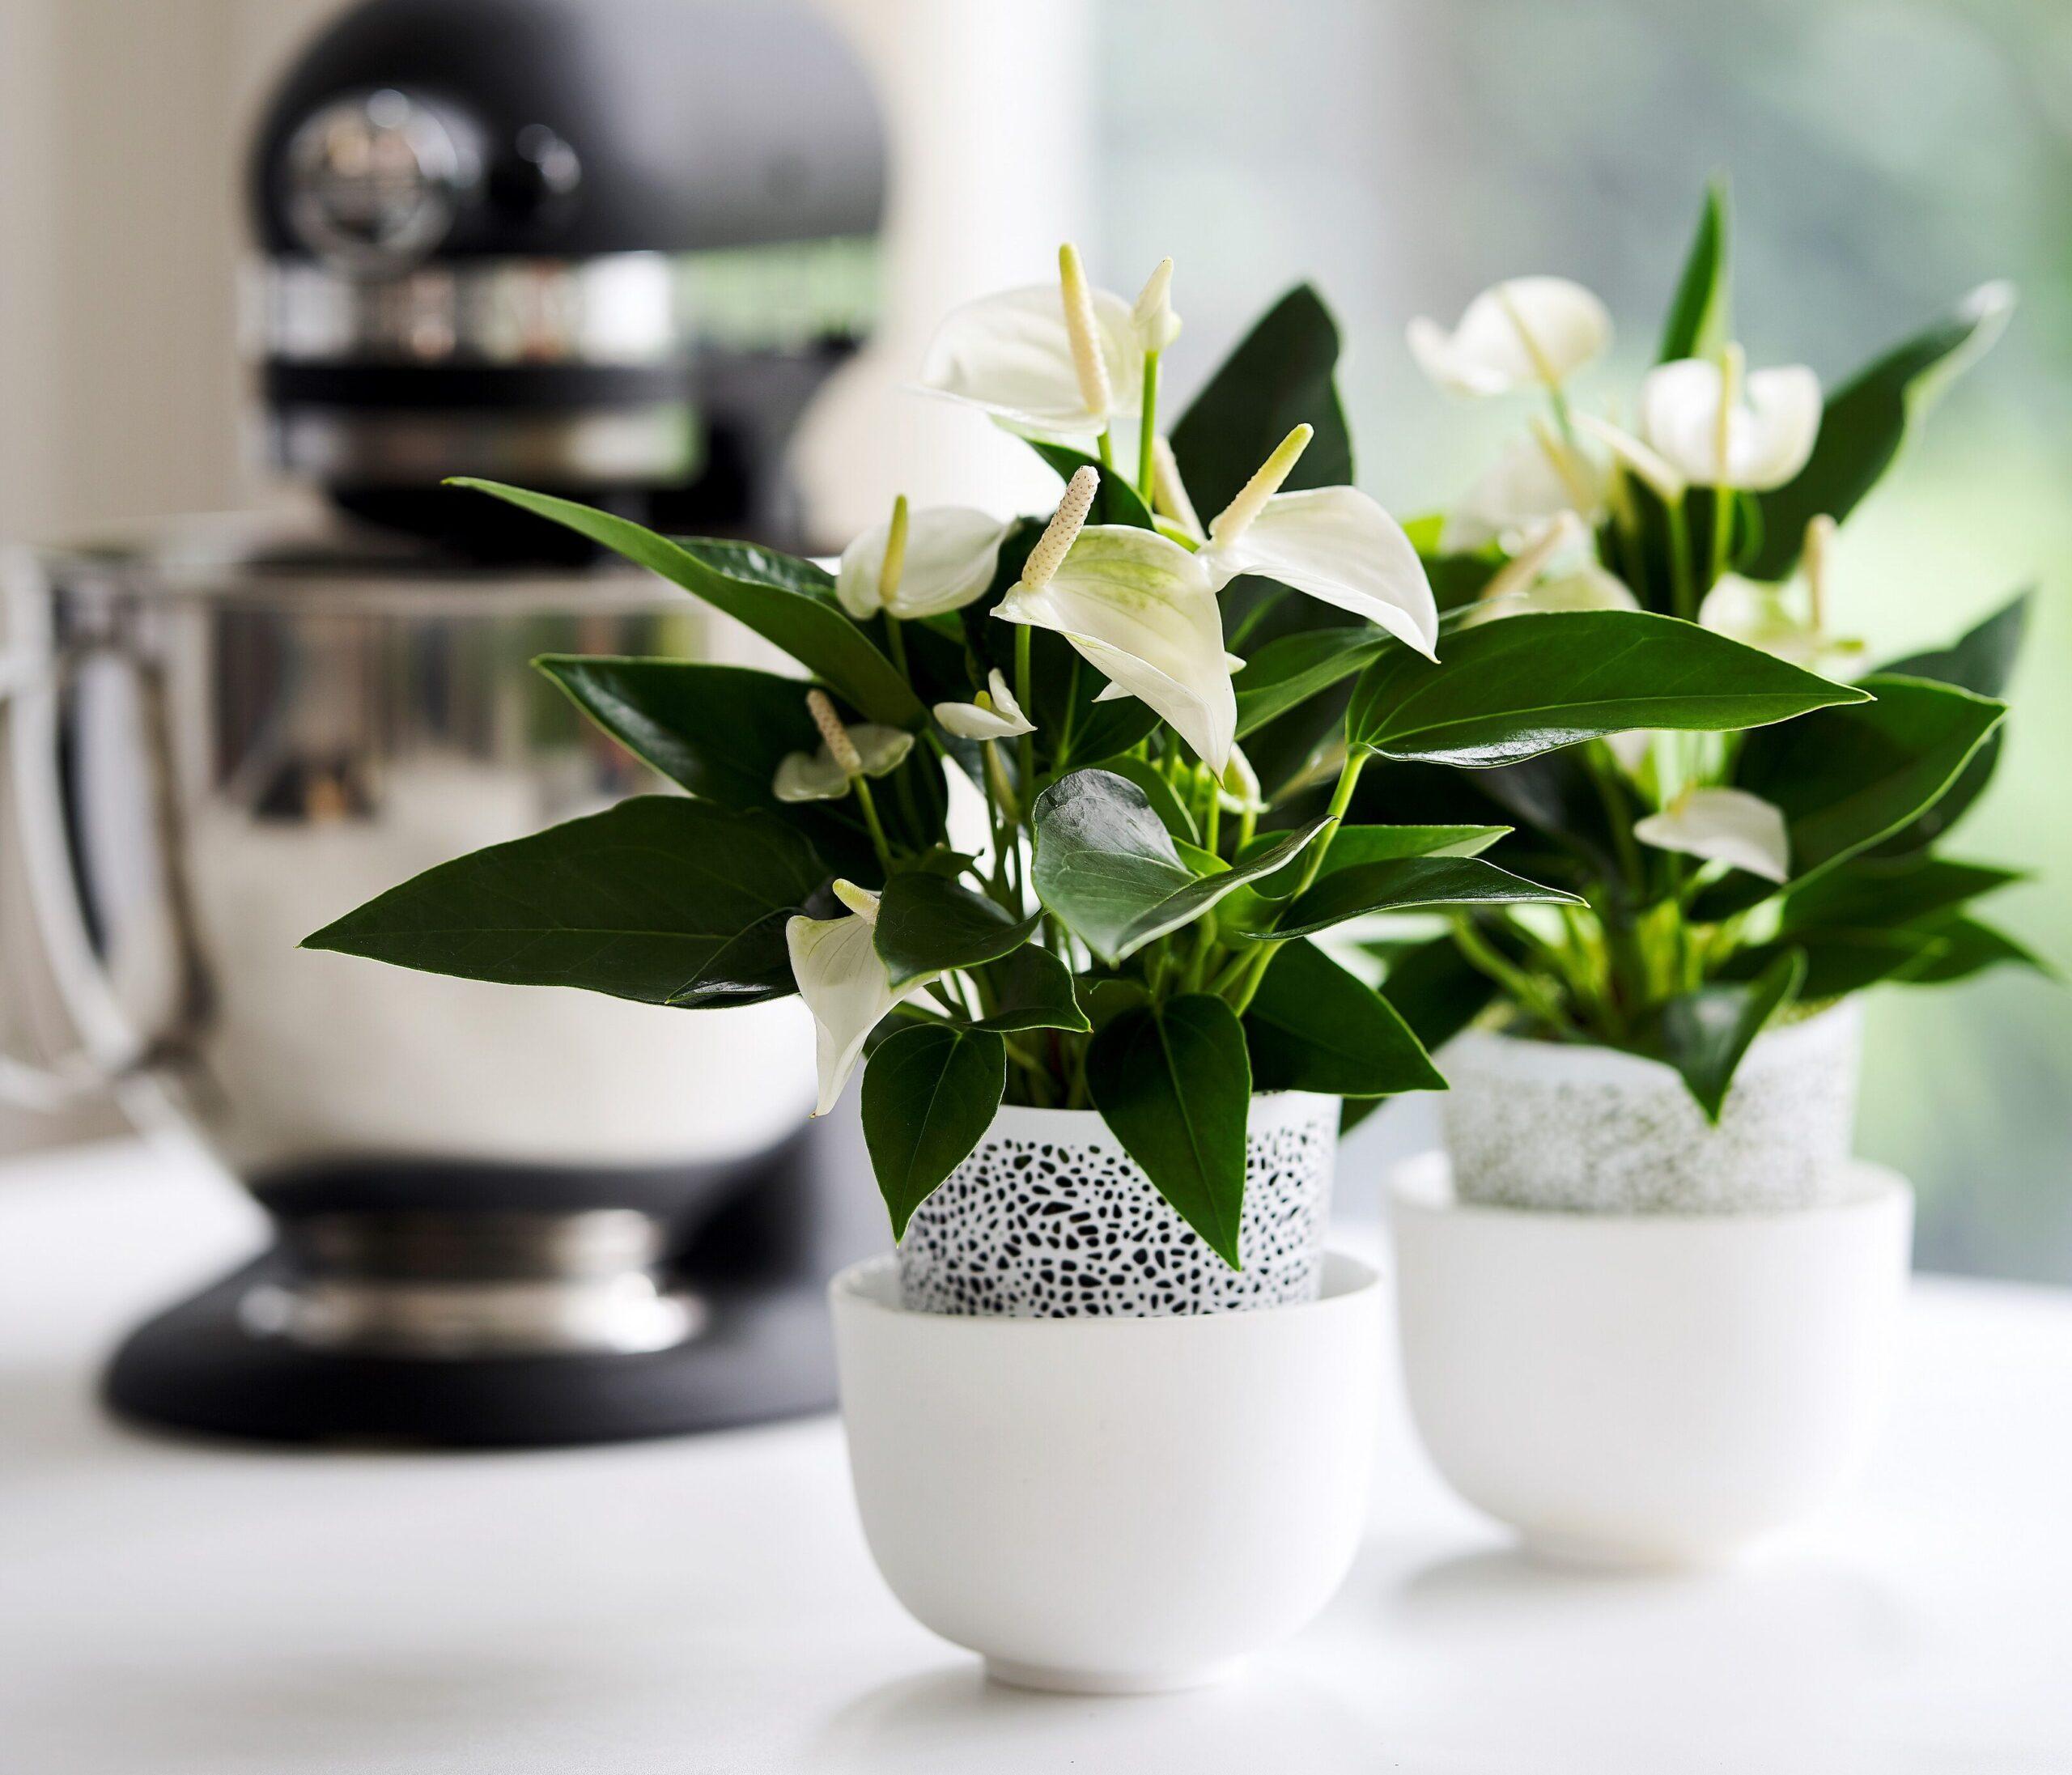 Zo style je de keuken met anthurium planten